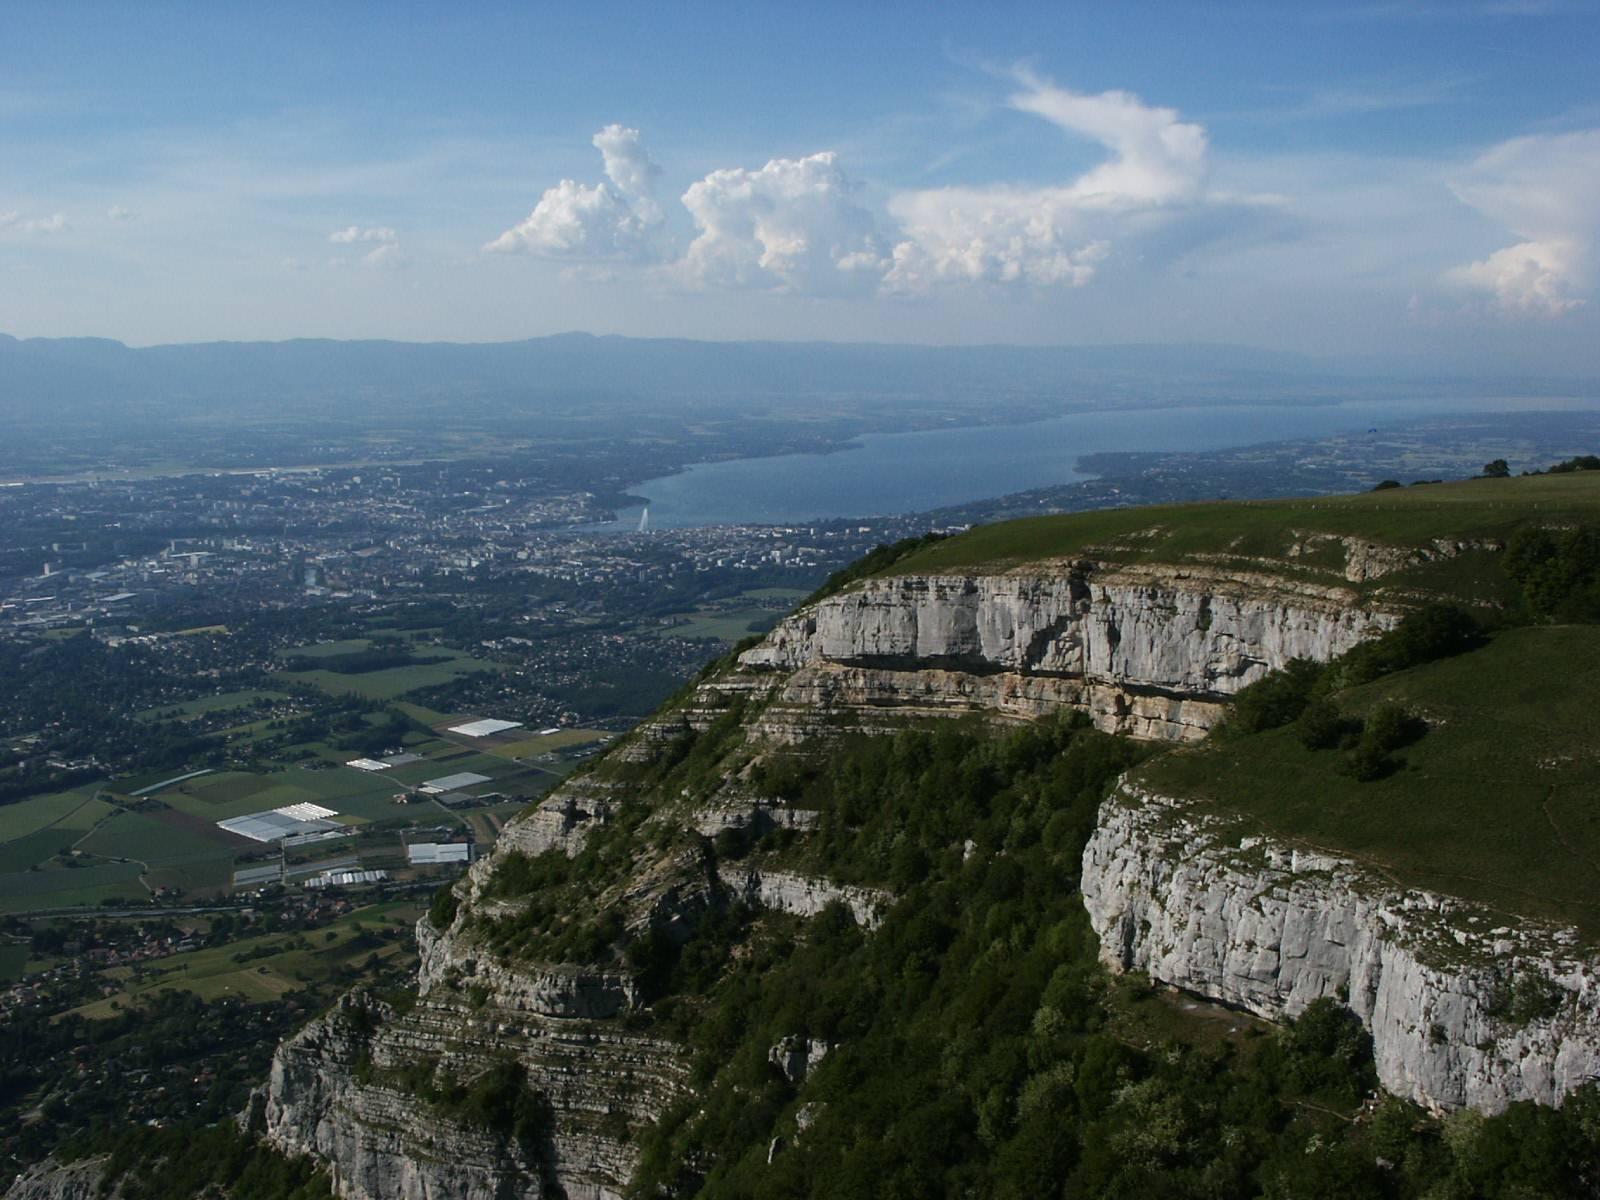 Photo 3: Admirer Genève depuis le Salève